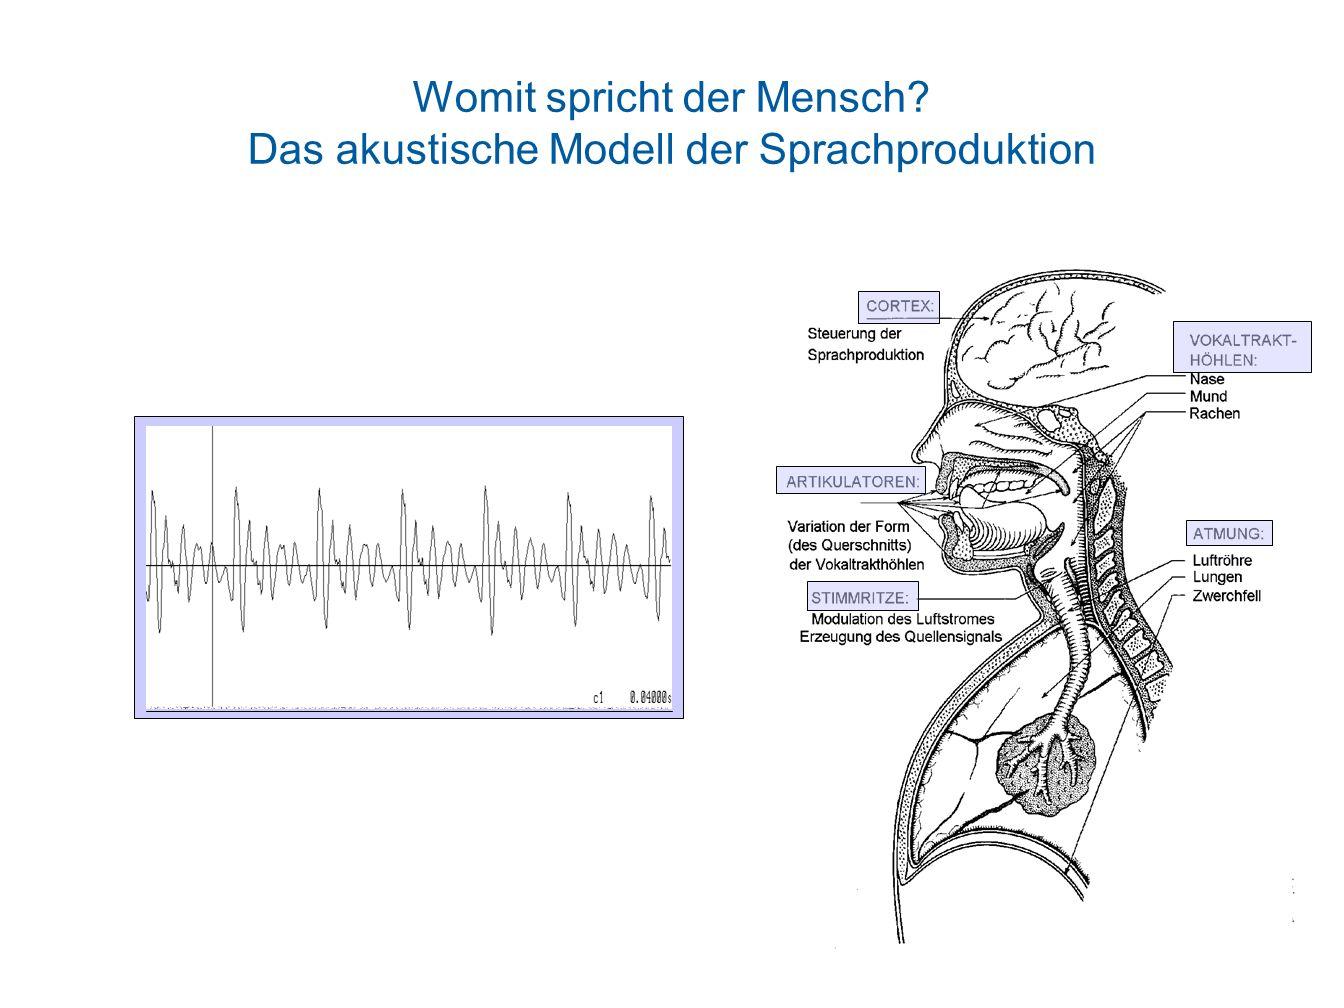 Womit spricht der Mensch Das akustische Modell der Sprachproduktion